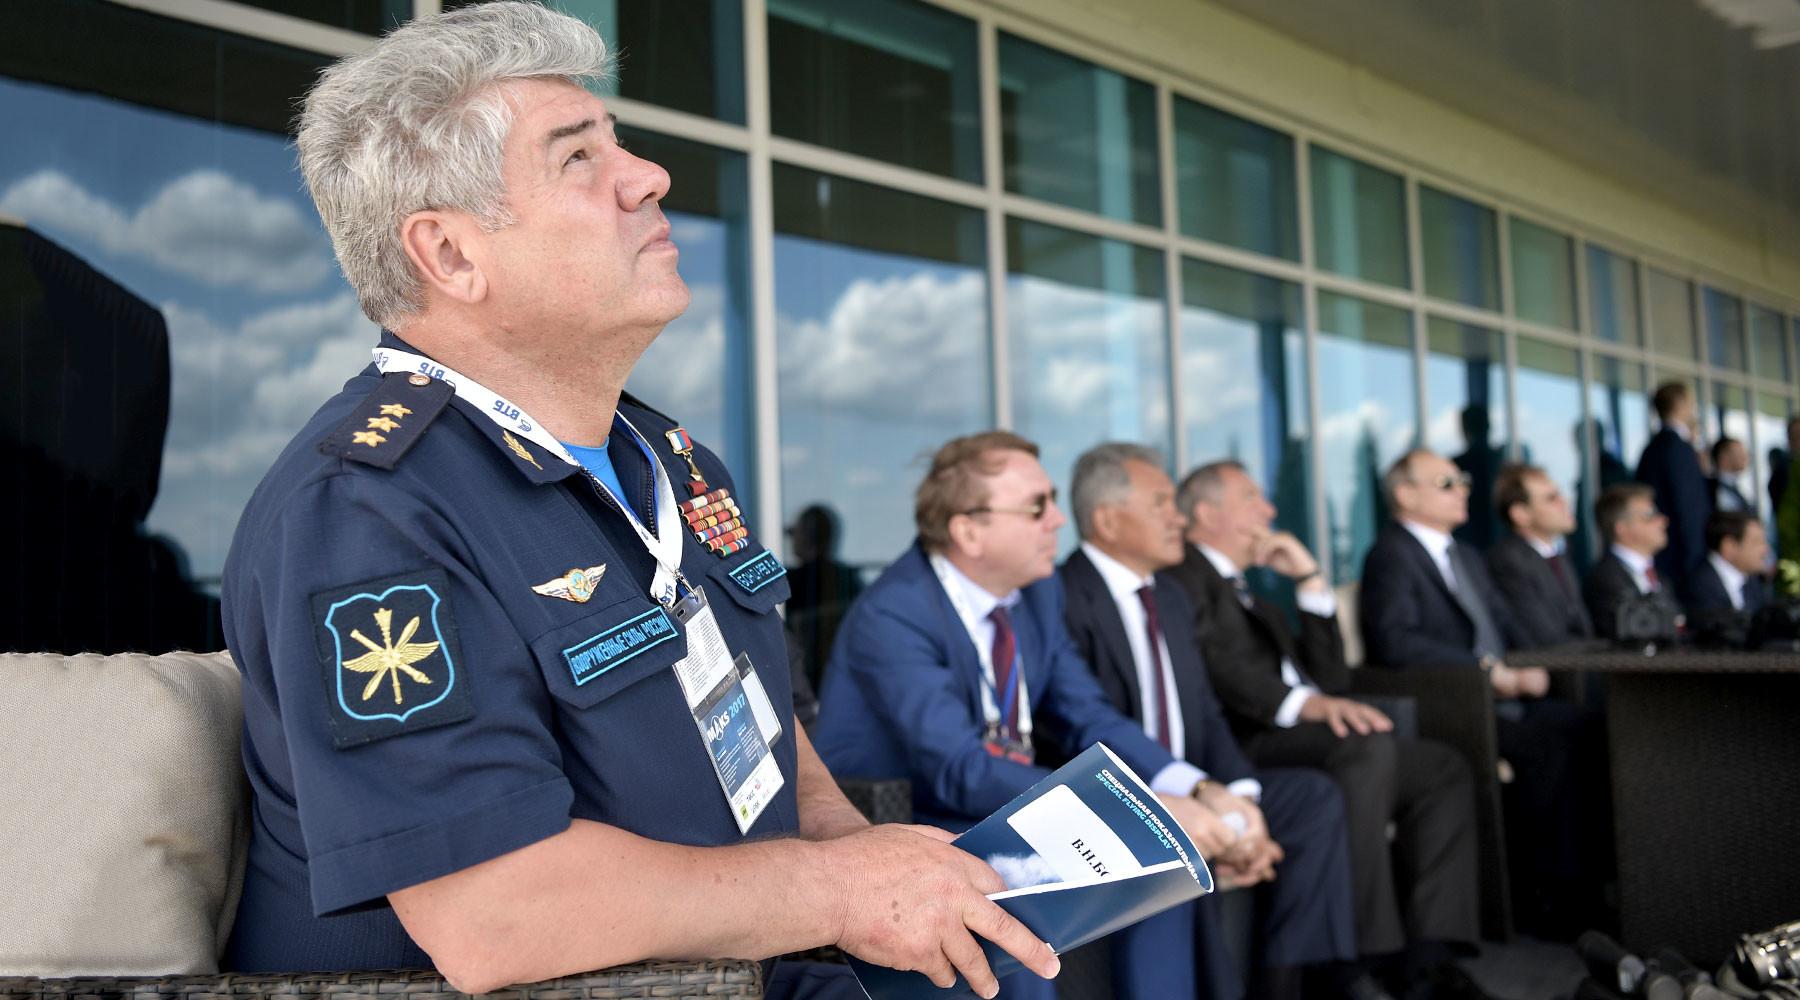 в России для нужд военных создадут собственный конвертоплан и тяжёлый БПЛА»